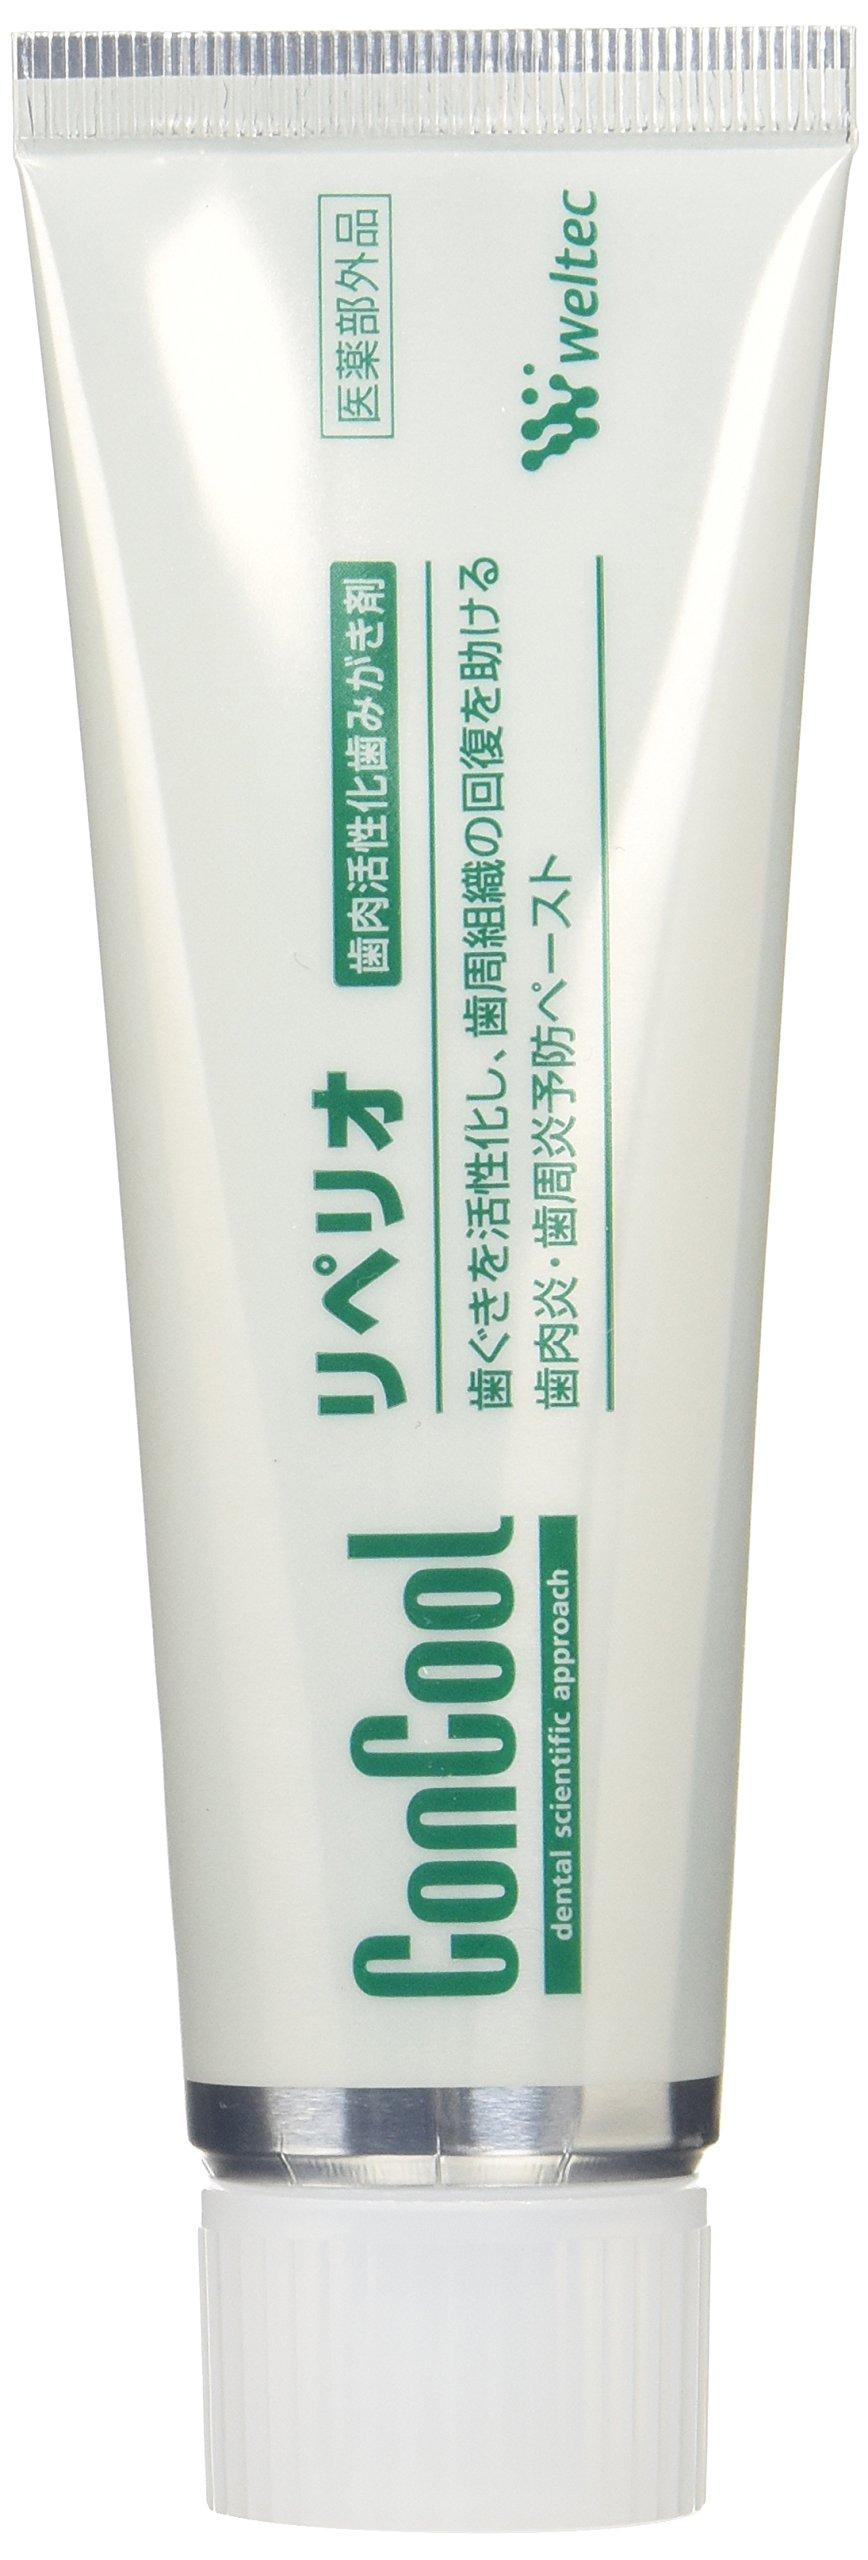 ウエルテック リペリオ 80g ×6本セット 医薬部外品 [ヘルスケア&ケア用品] product image